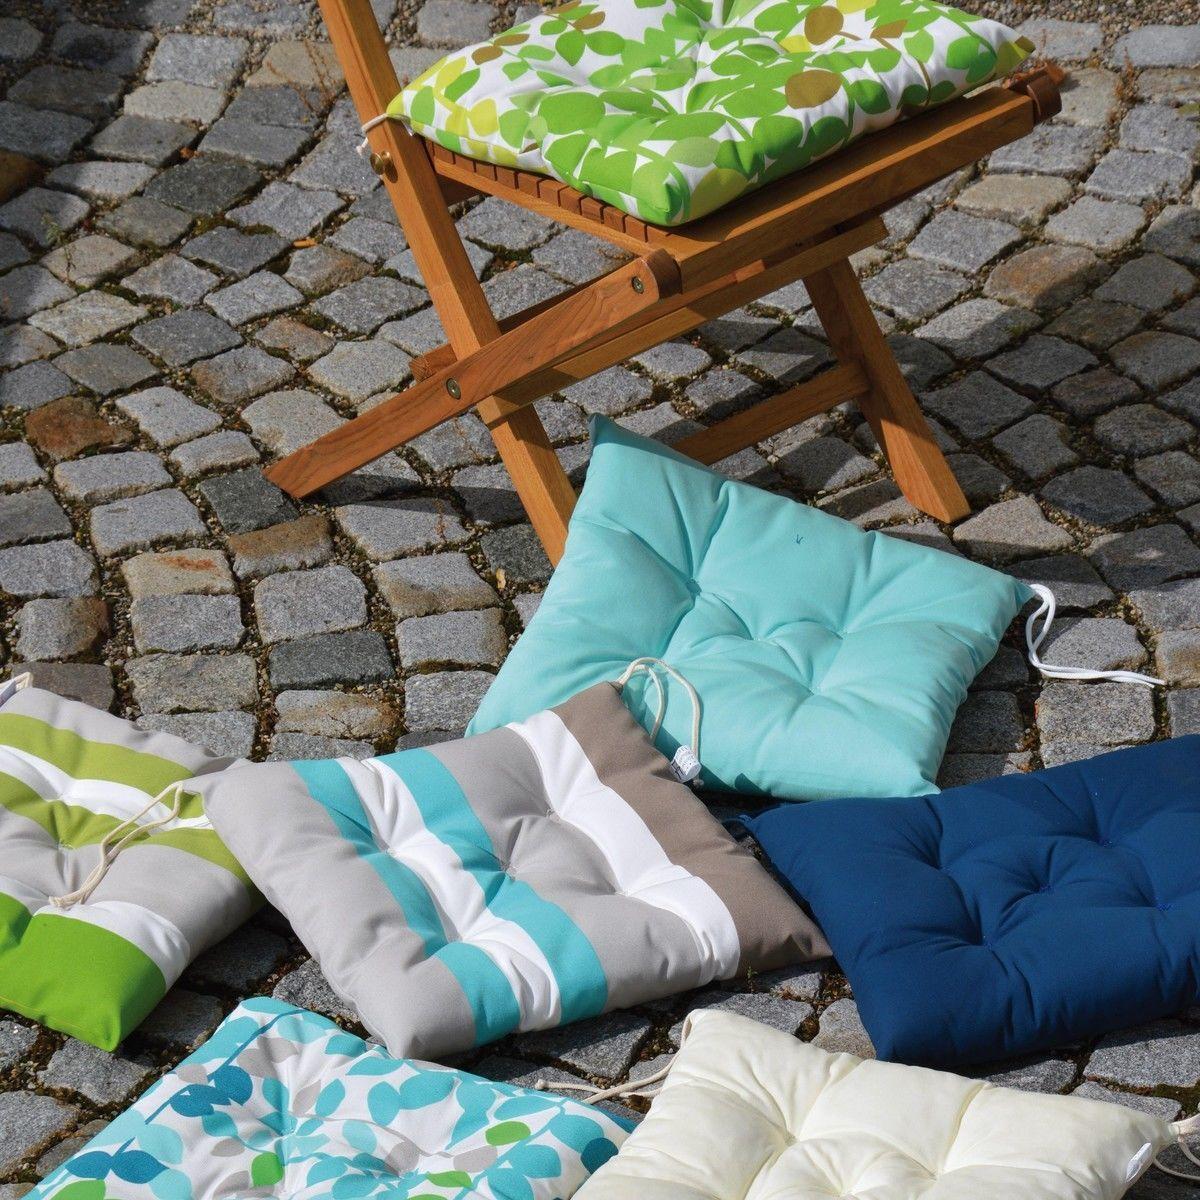 samoa teakholz gartenstuhl klappstuhl jan kurtz. Black Bedroom Furniture Sets. Home Design Ideas